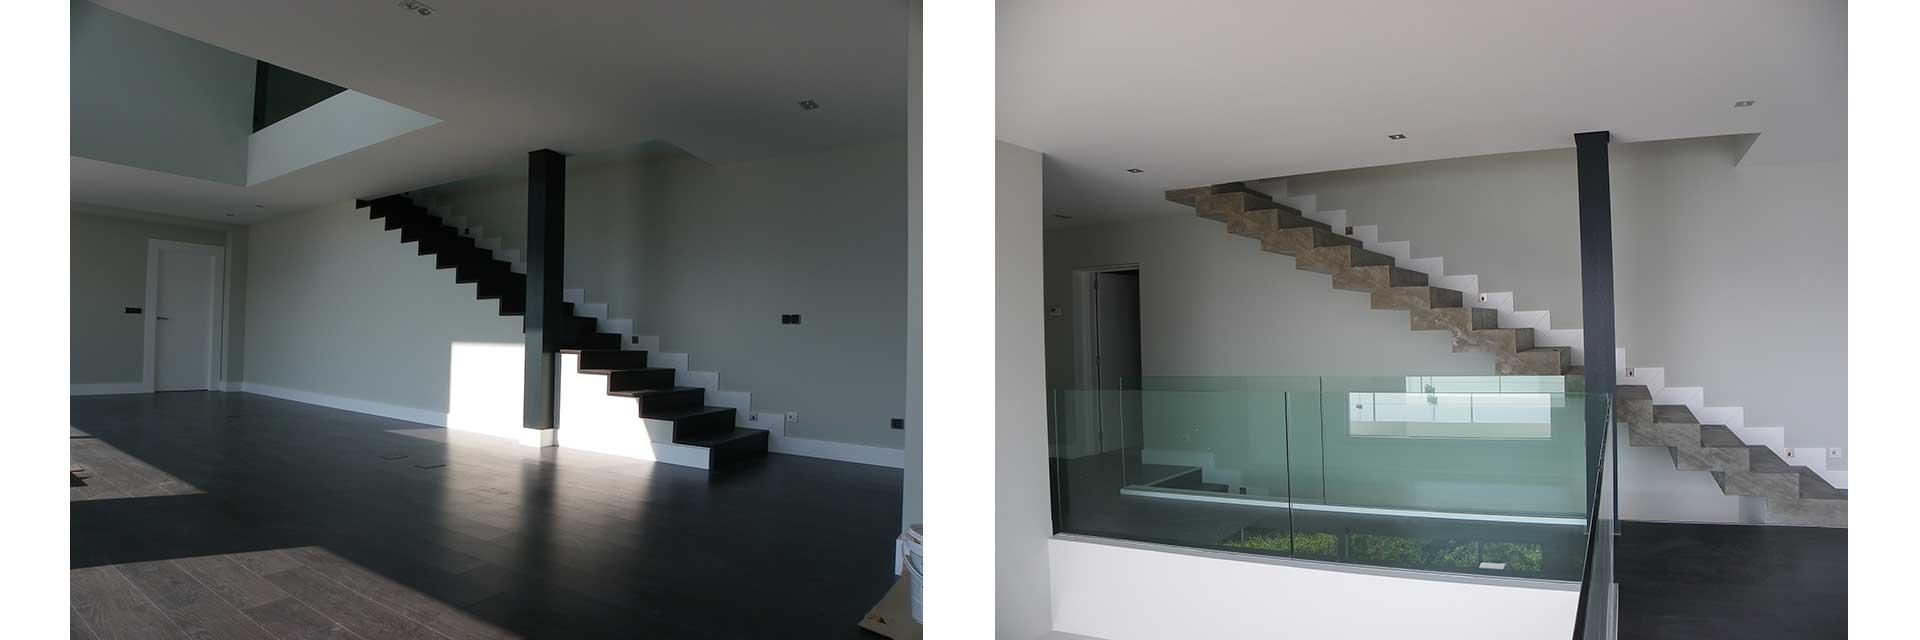 escaleras-viviendas